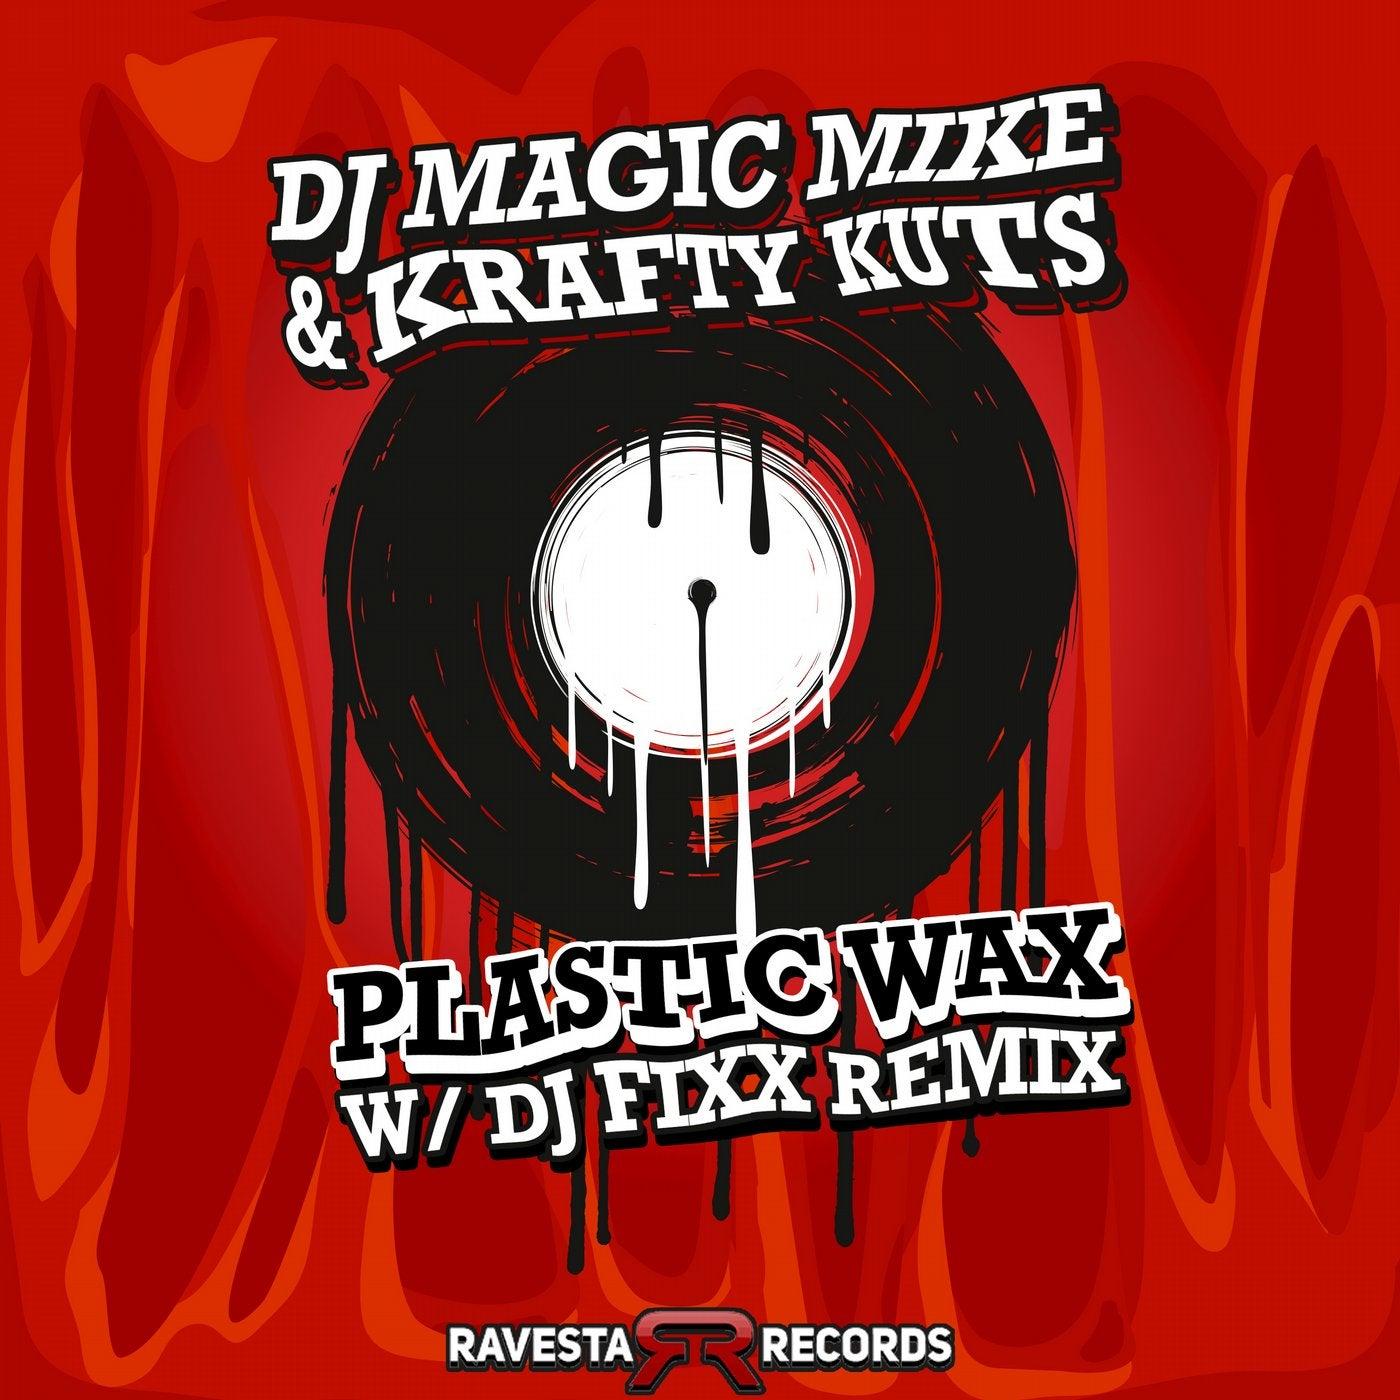 Plastic Wax (FIXX Remix)